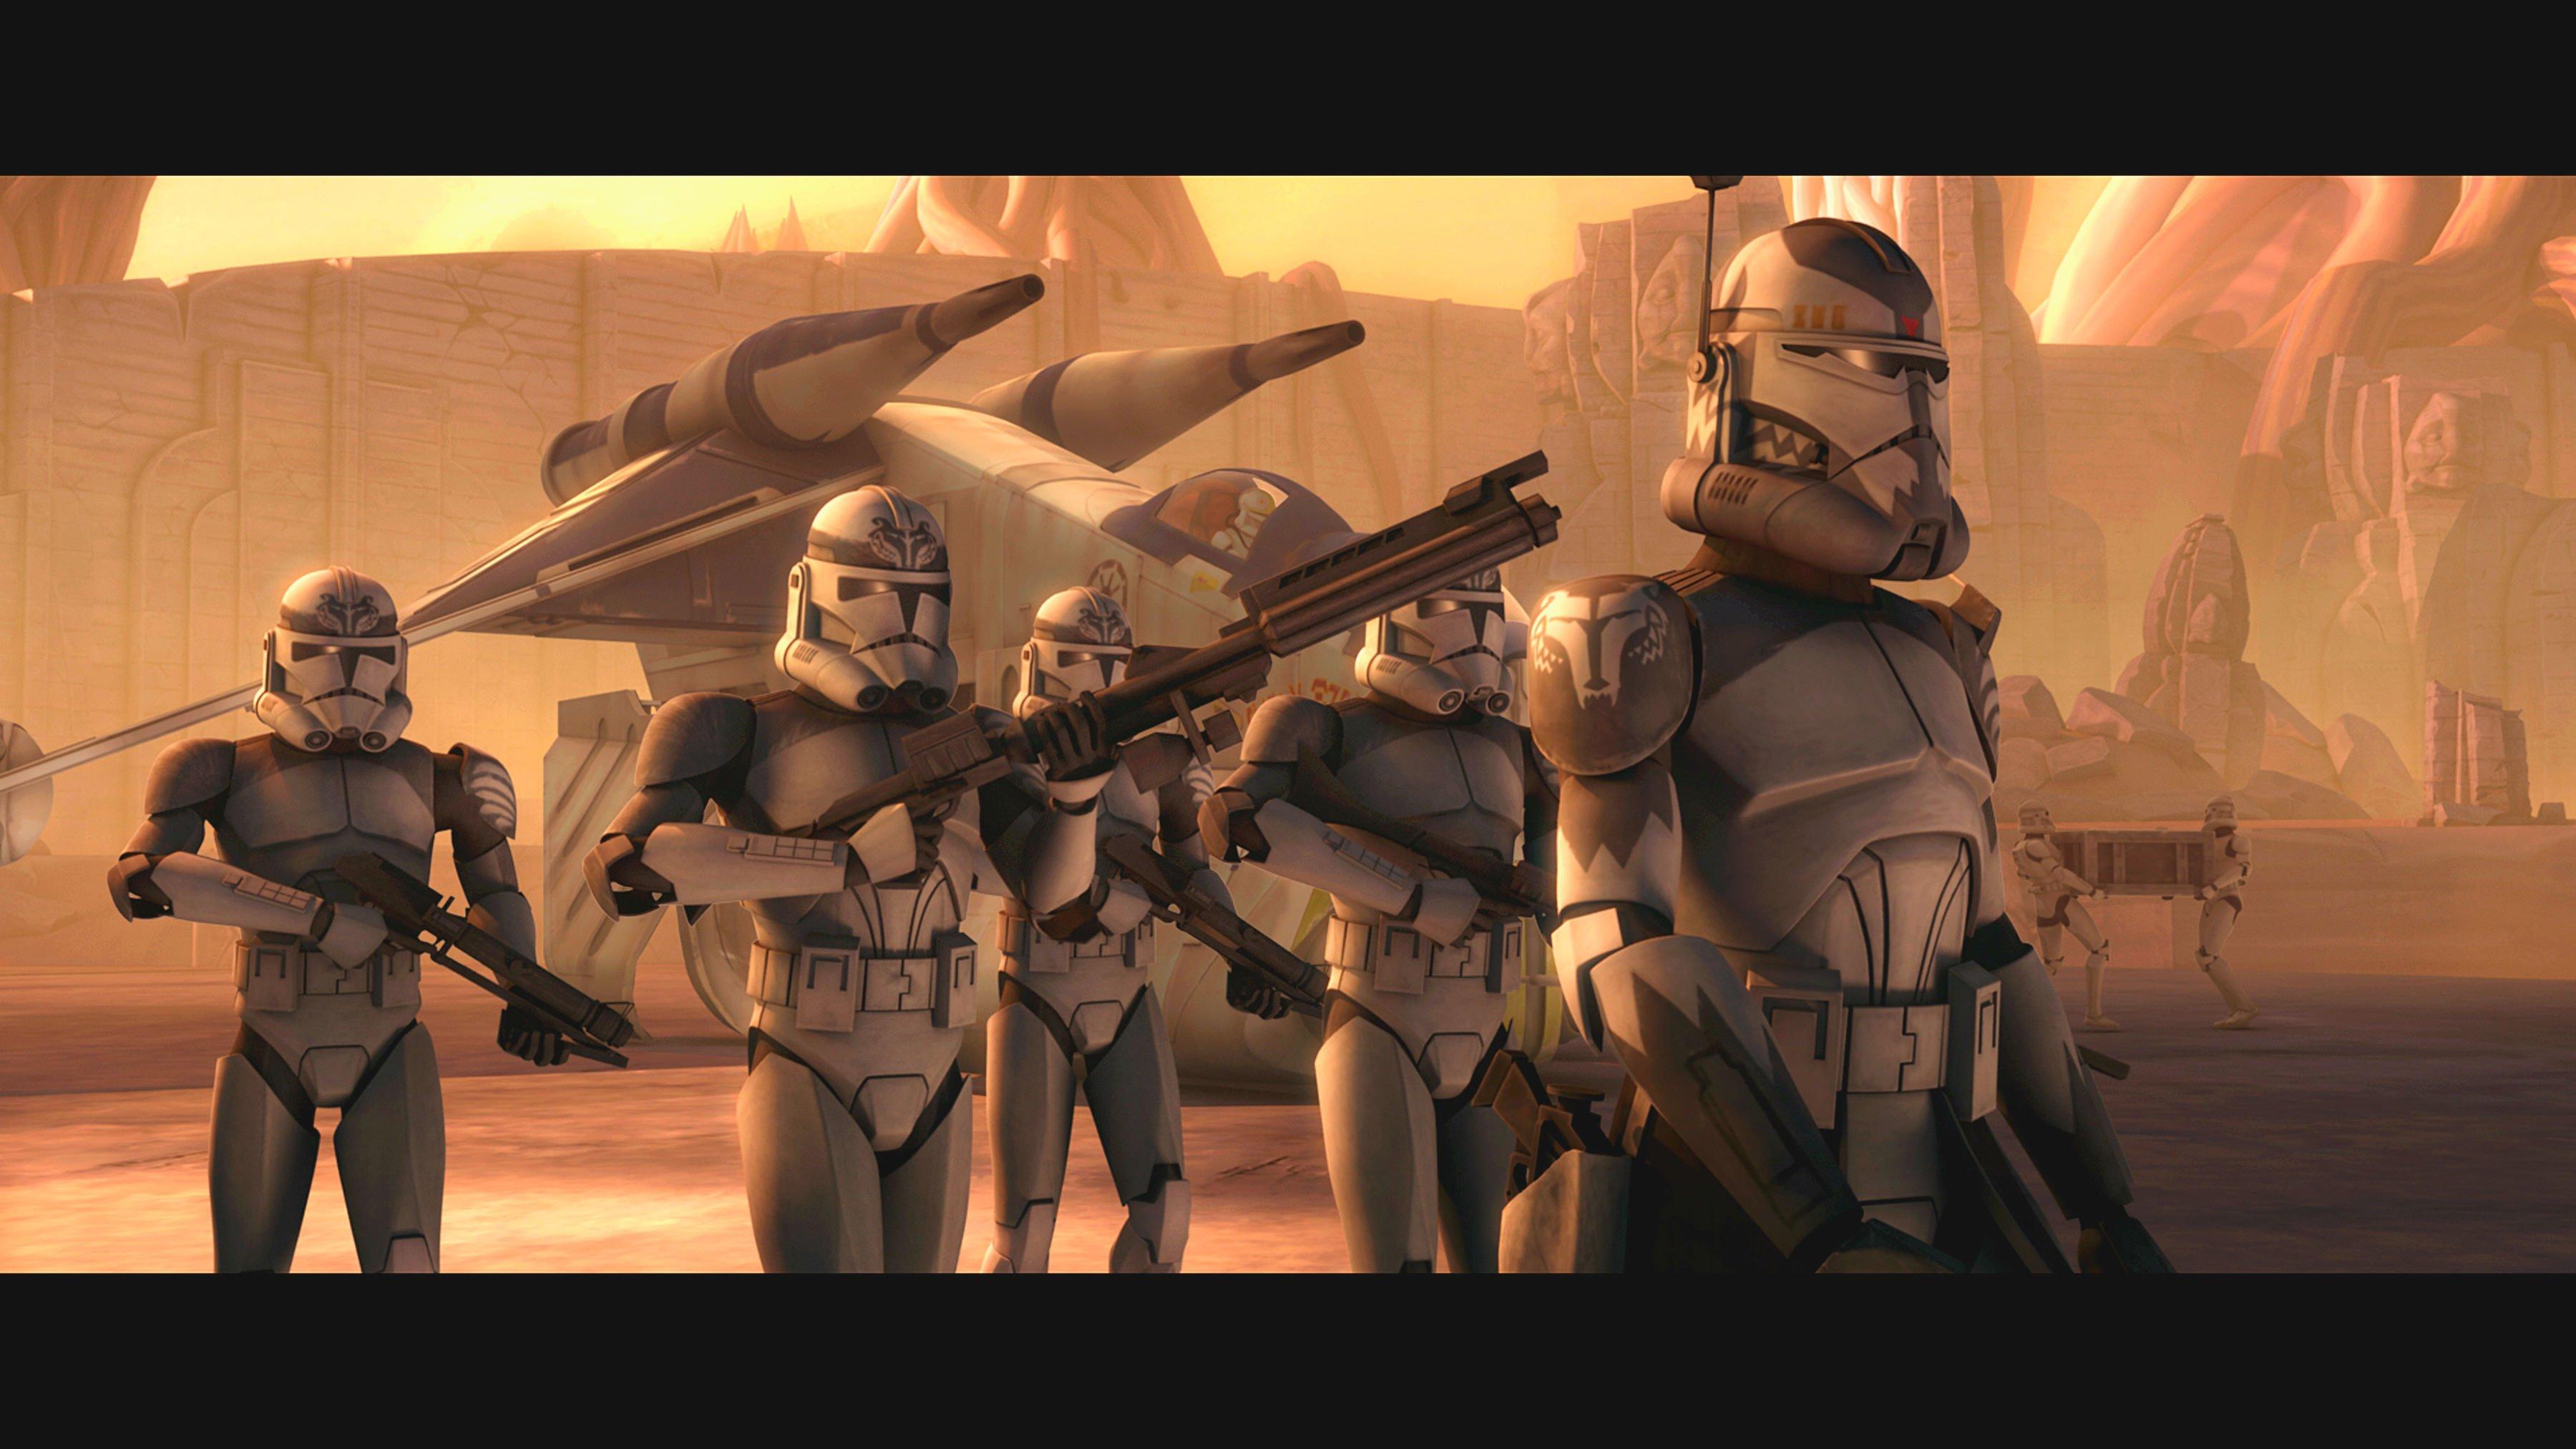 Star Wars Clone Wars Wallpaper: STAR WARS CLONE WARS Animation Sci-fi Cartoon Futuristic